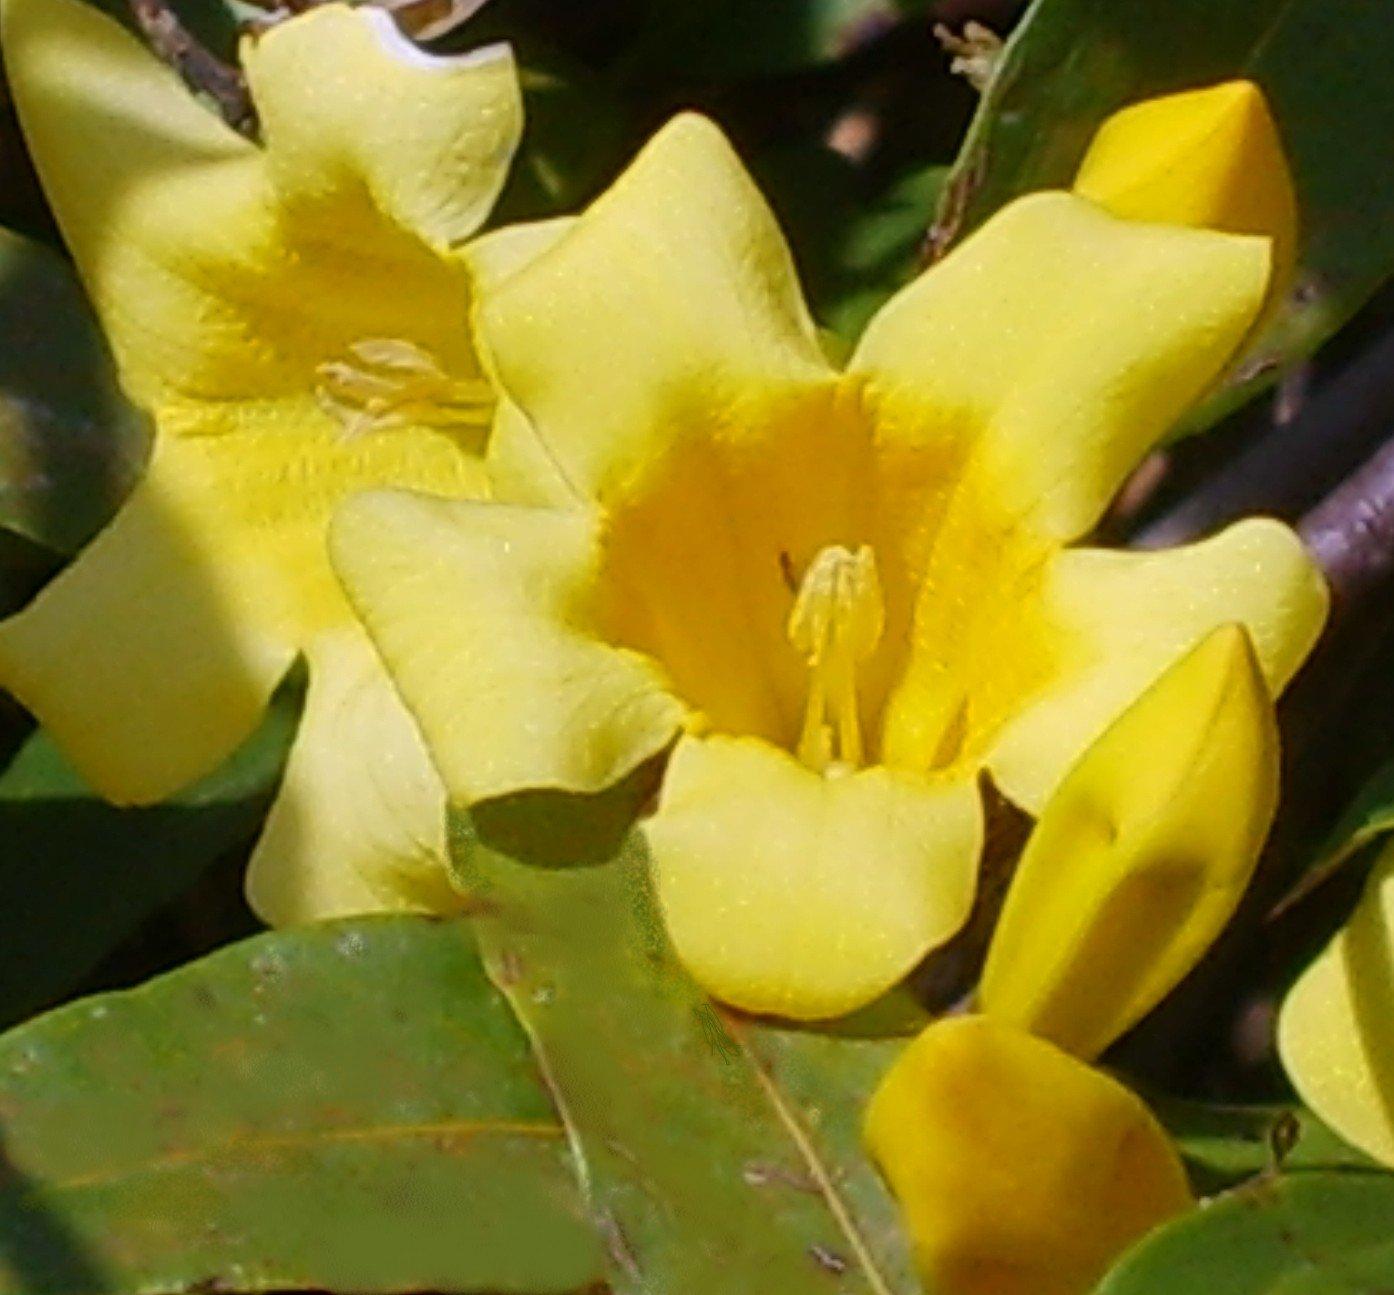 Amazon carolina swamp jasmine gelsemium rankinii rare twice amazon carolina swamp jasmine gelsemium rankinii rare twice blooming type flowering plants garden outdoor izmirmasajfo